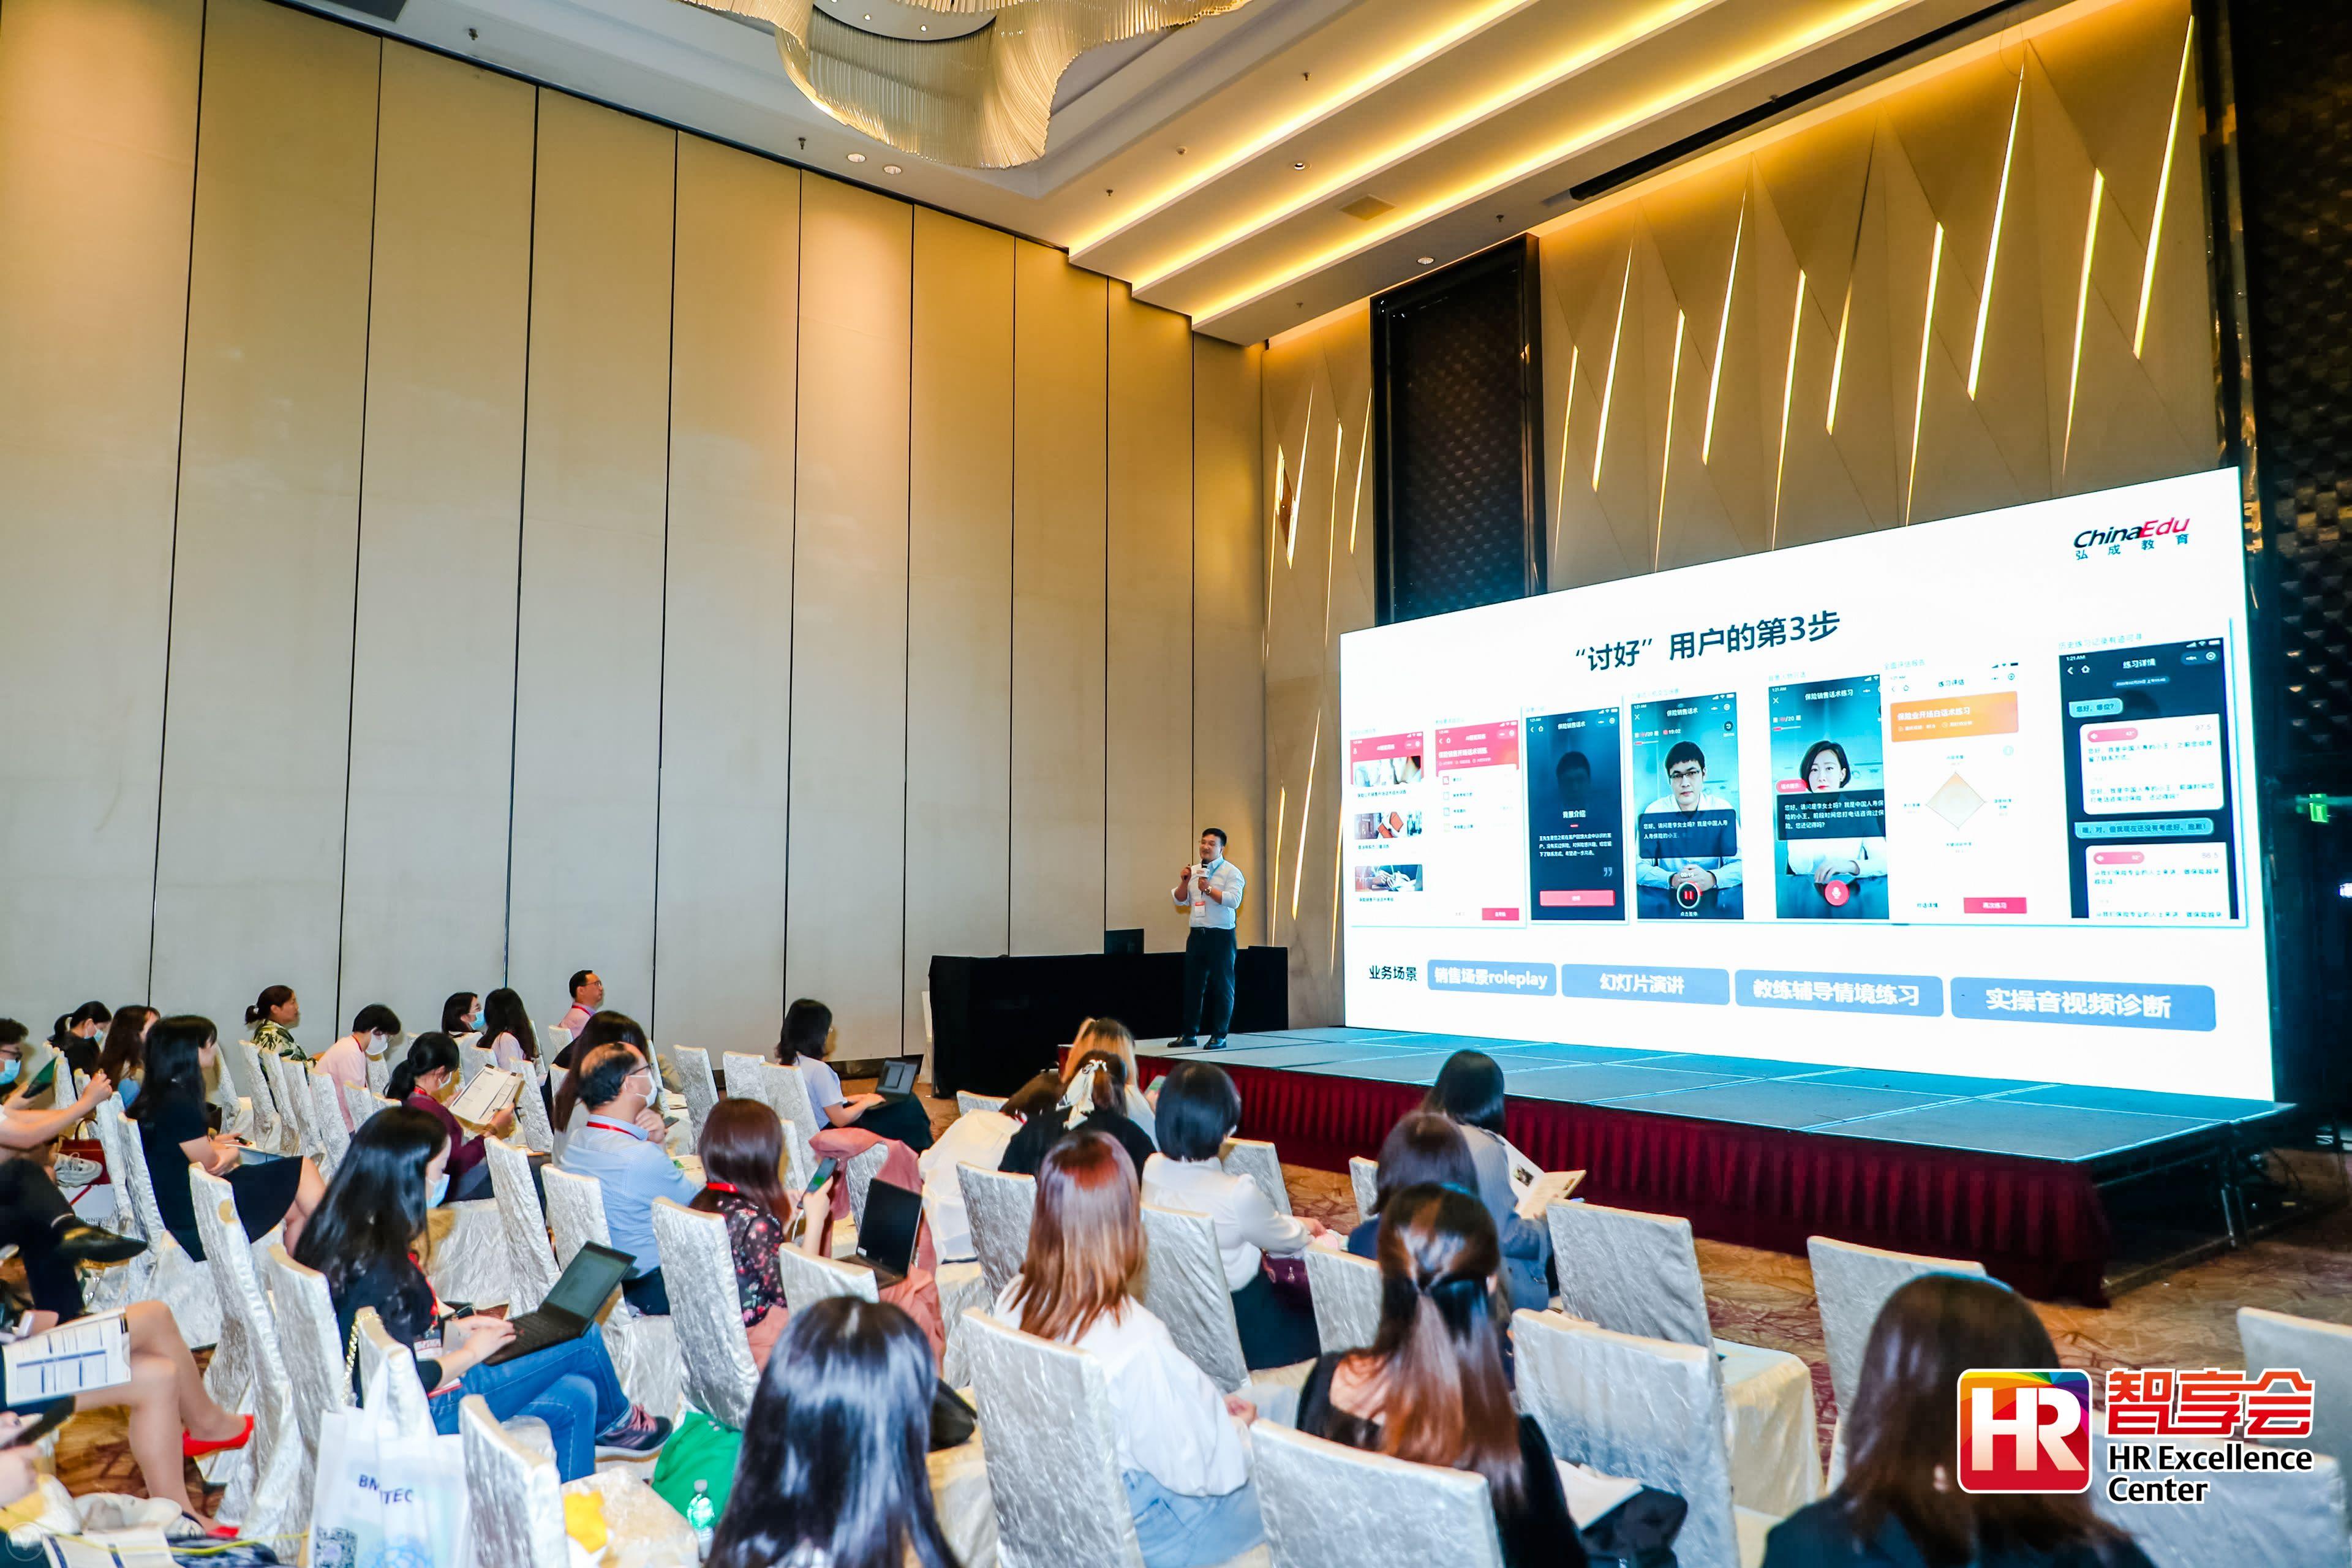 弘成教育多款产品助力企业数字化赋能人才发展